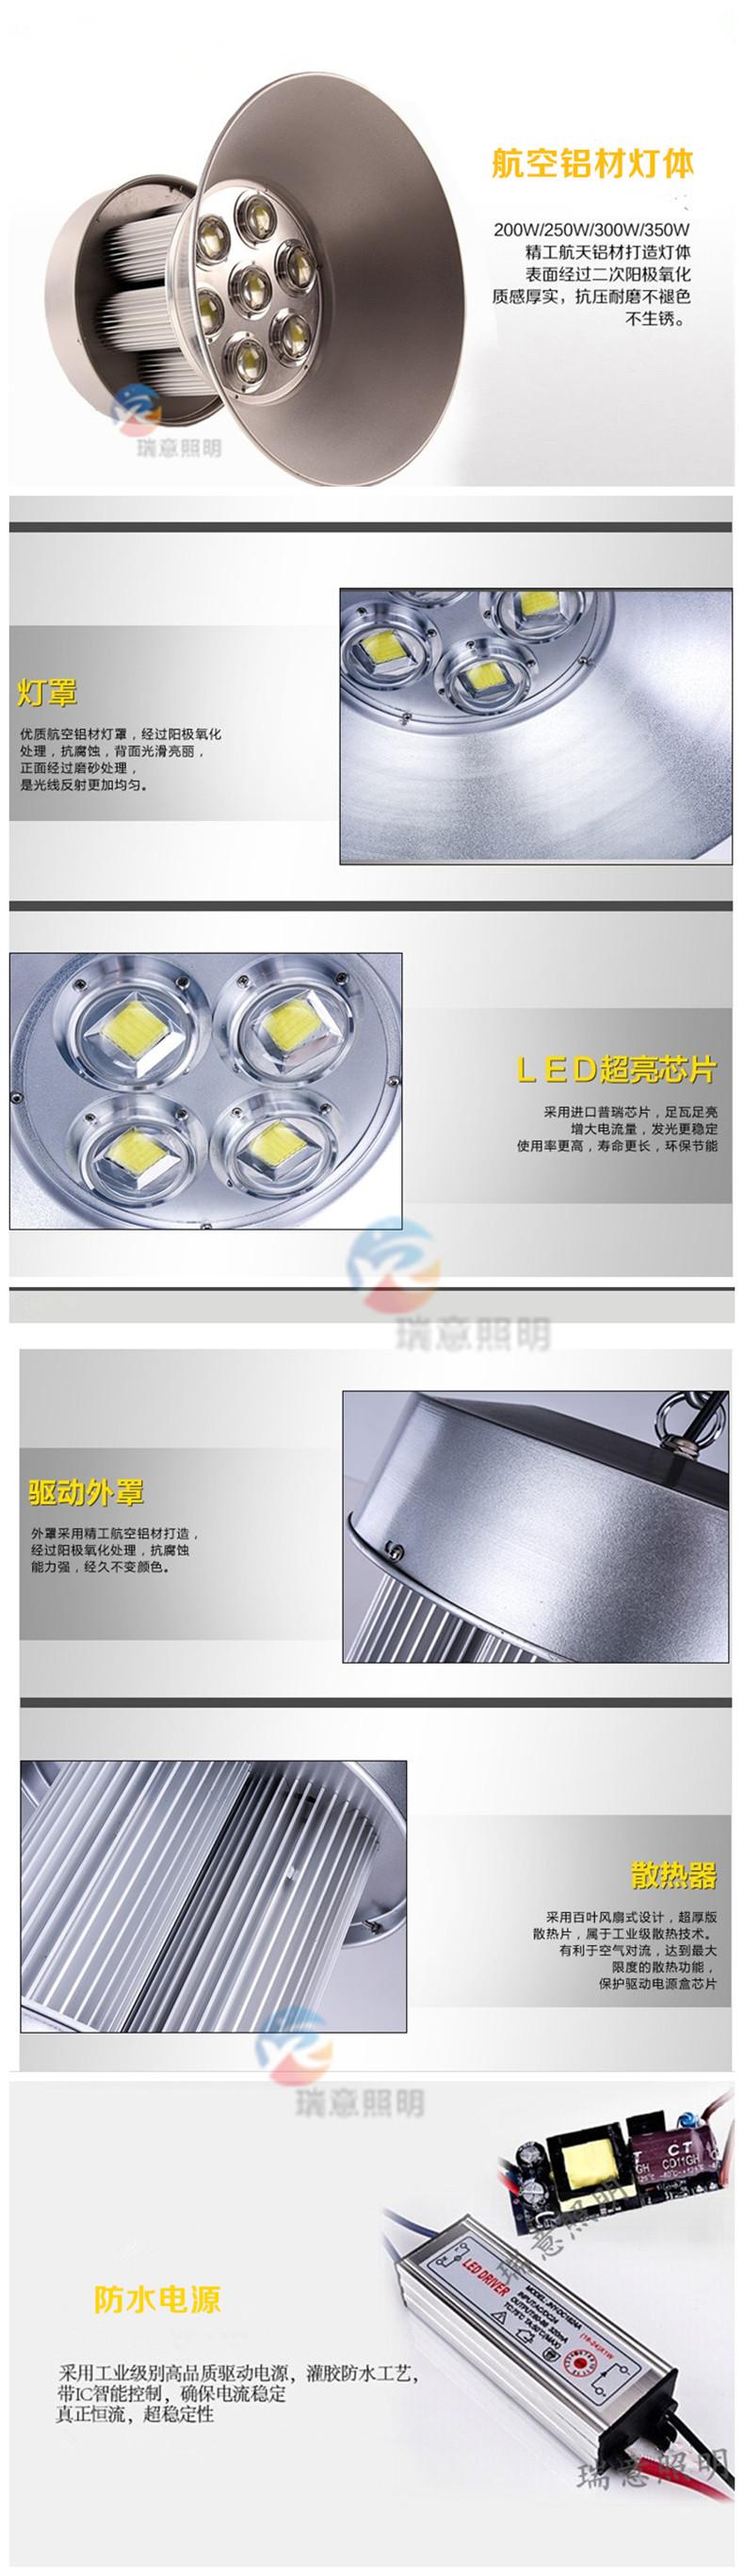 200W-350W大功率LED工矿灯实拍图